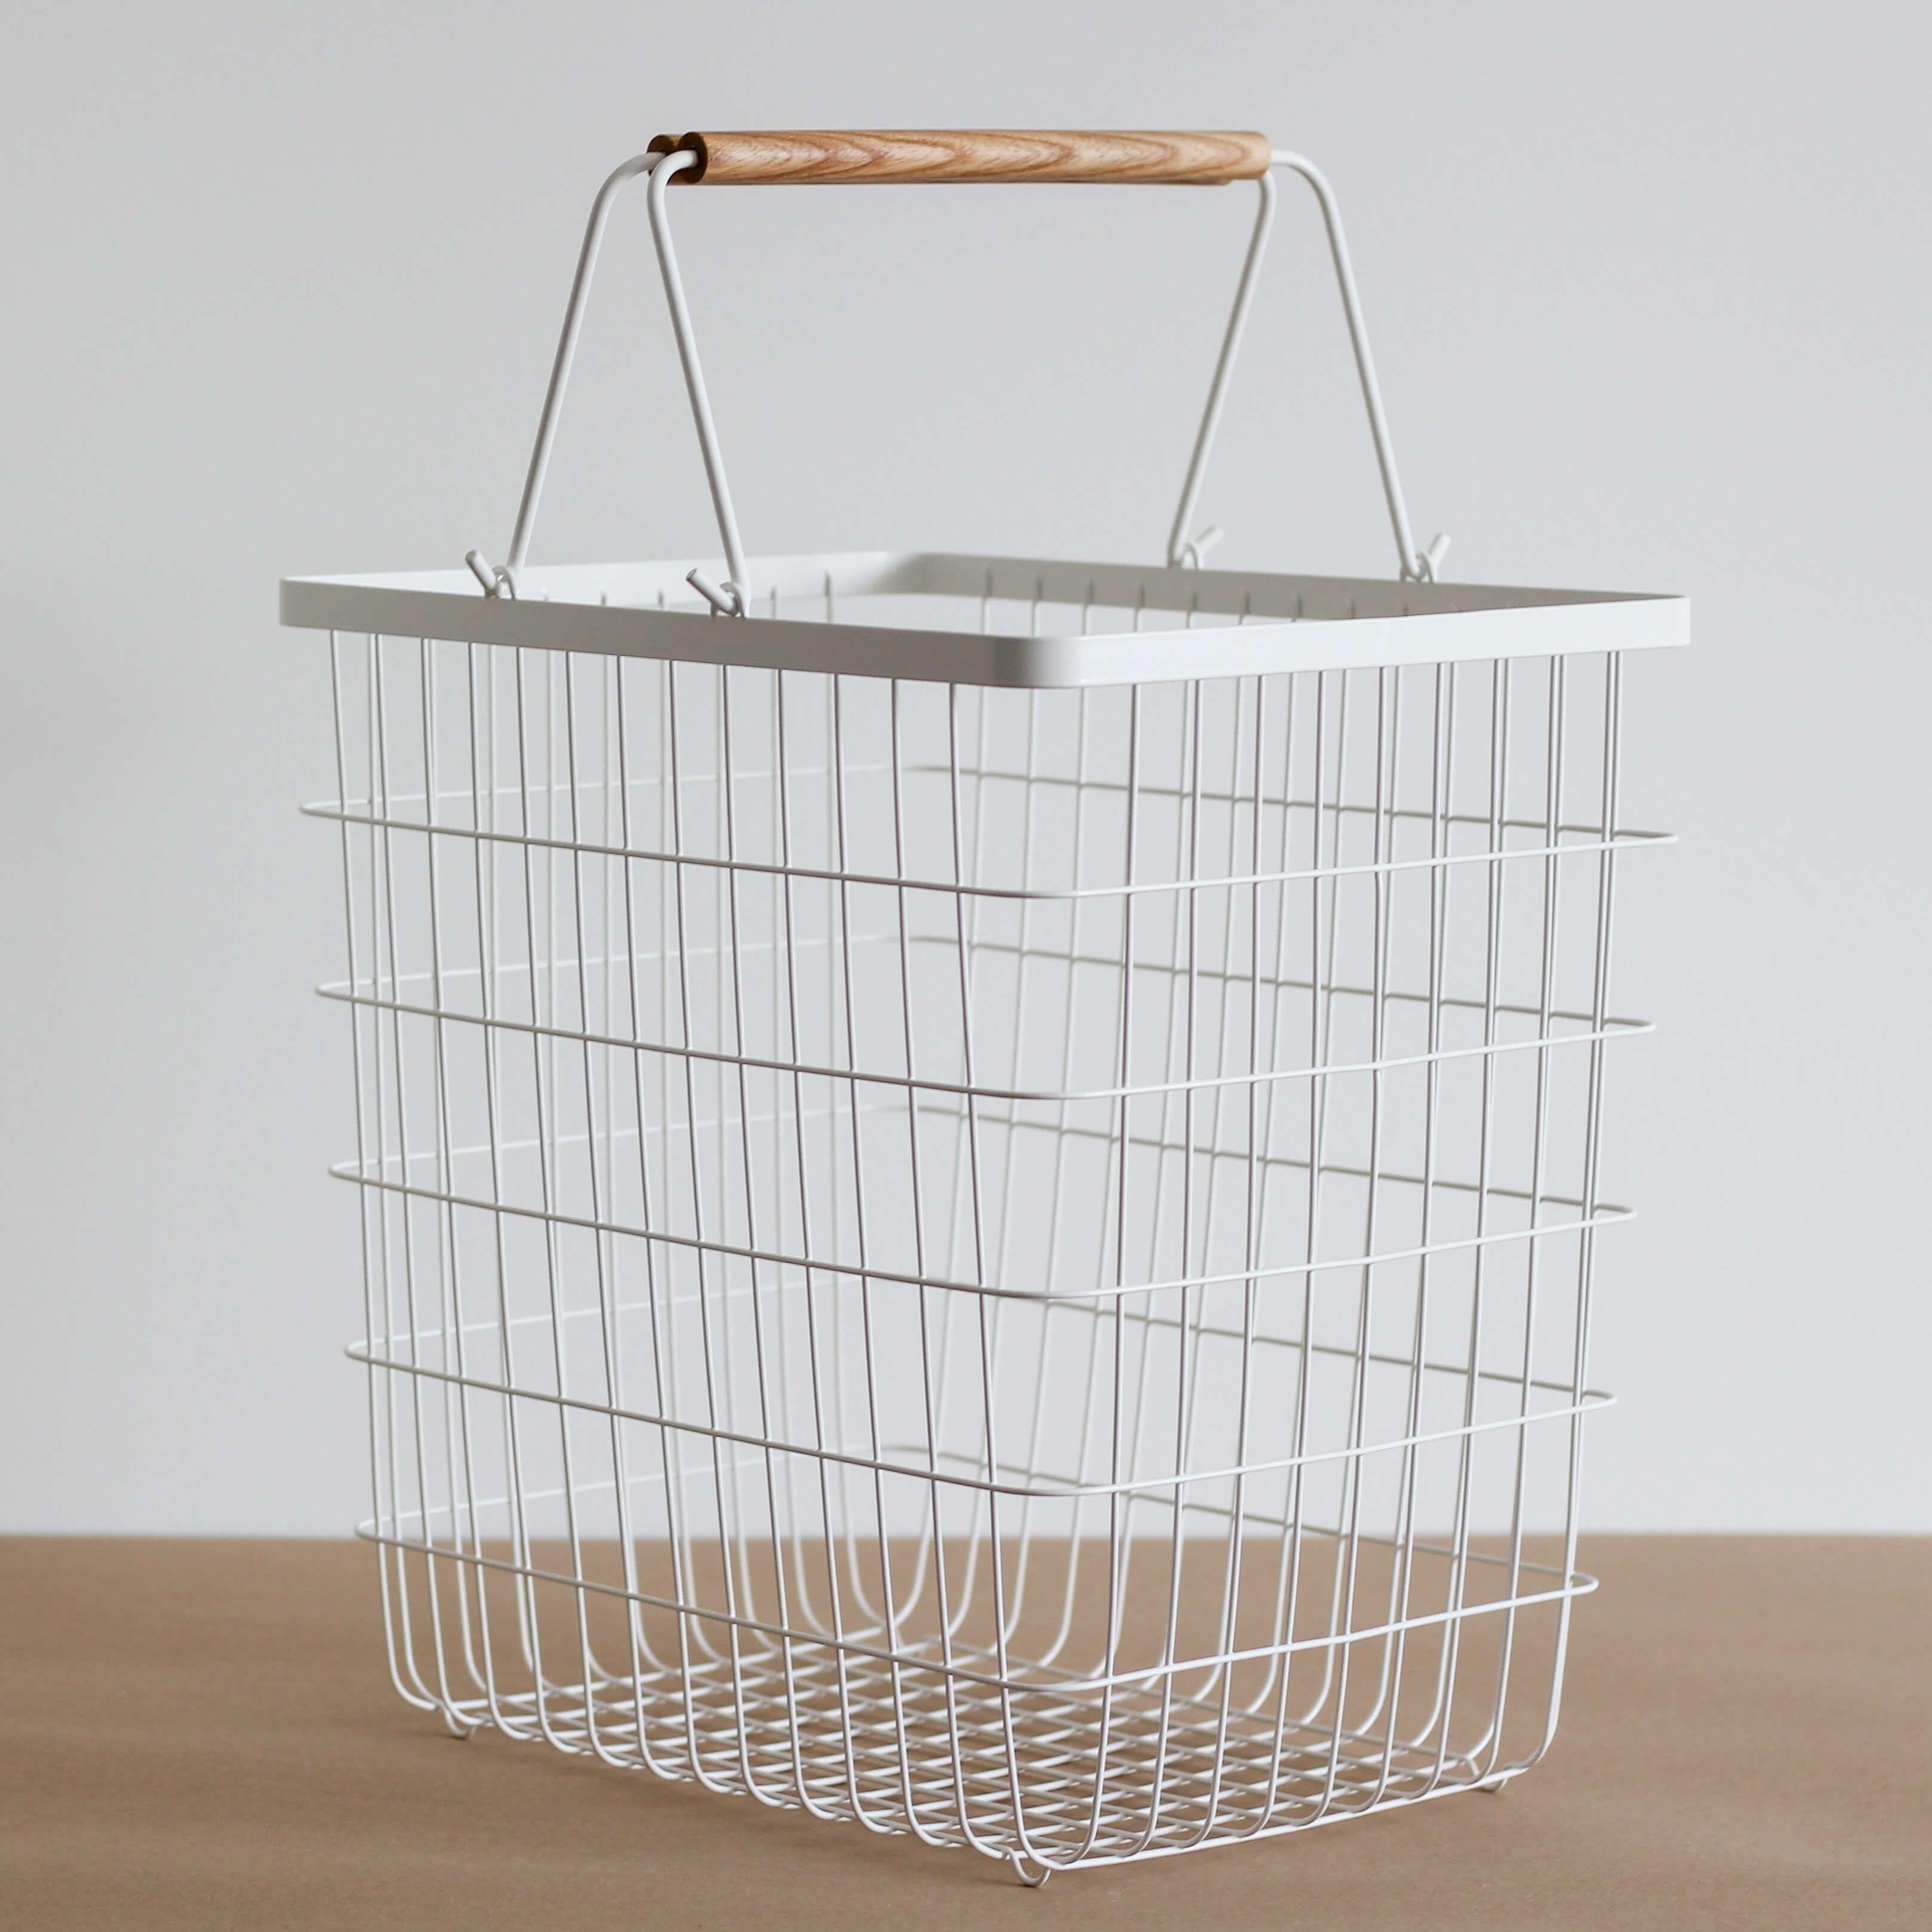 Pesukorv Suur Artifex Living Laundry Basket Large Baskets Basket